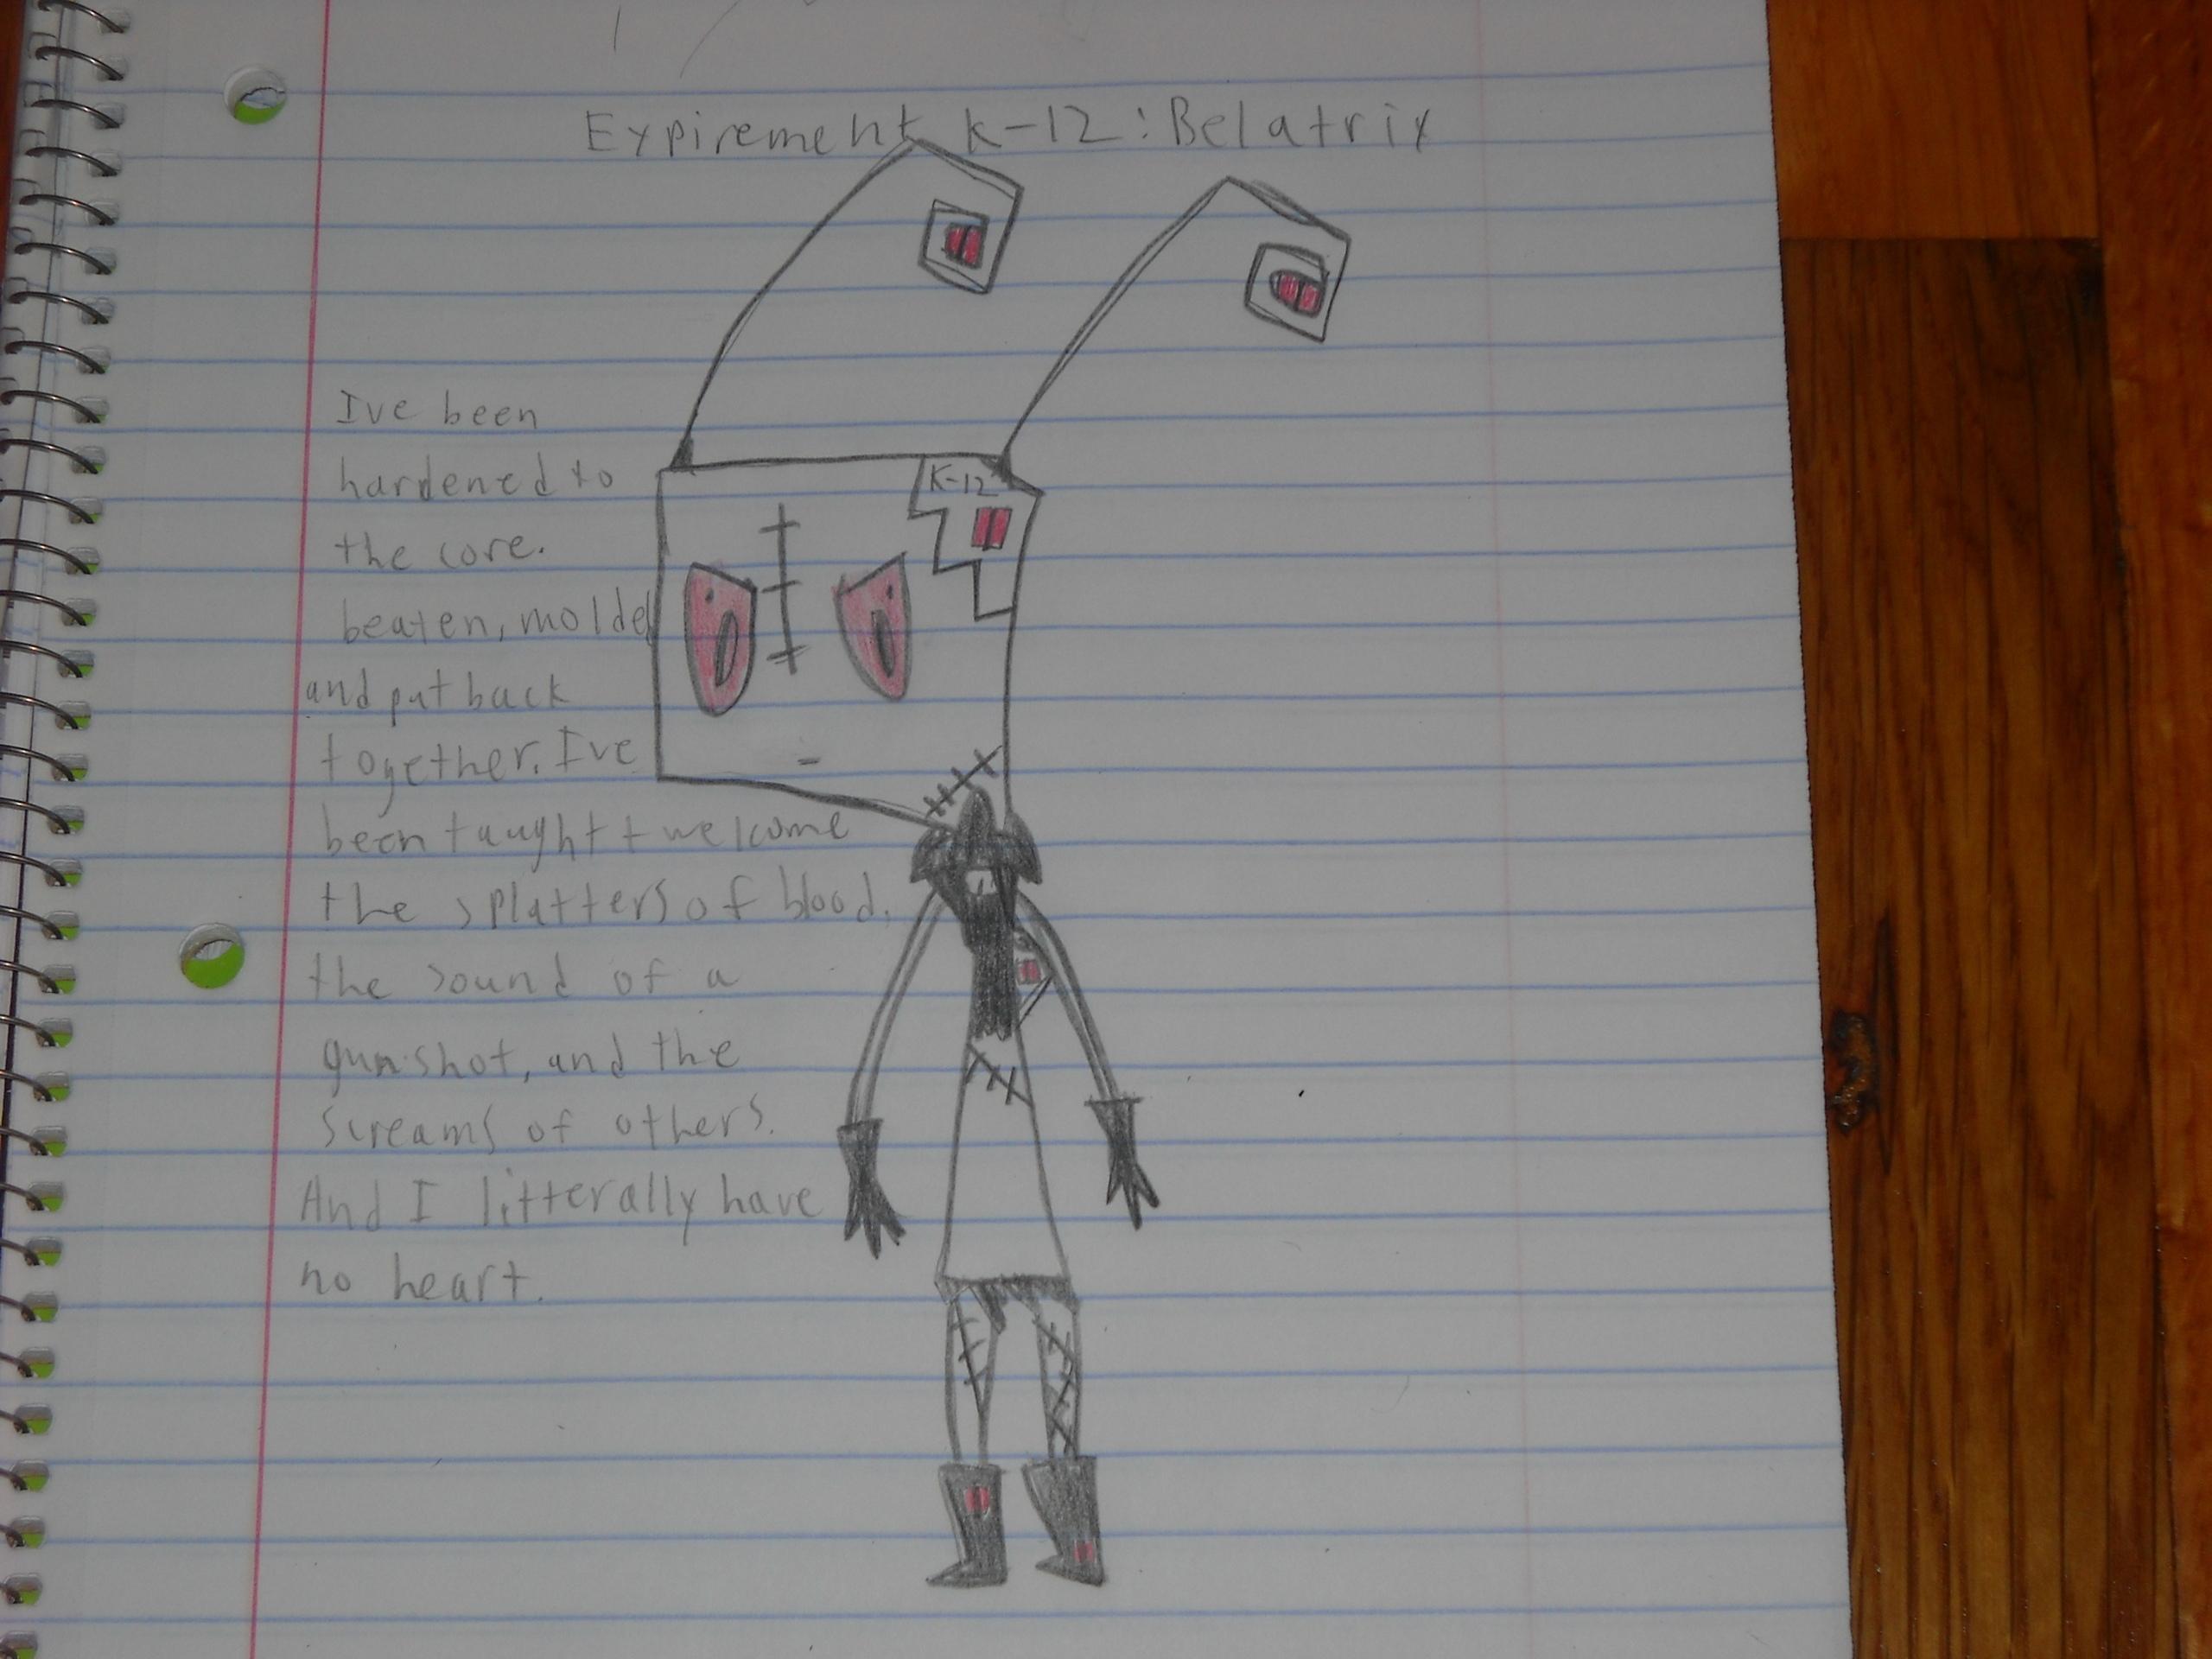 expirement k-12: belatrix